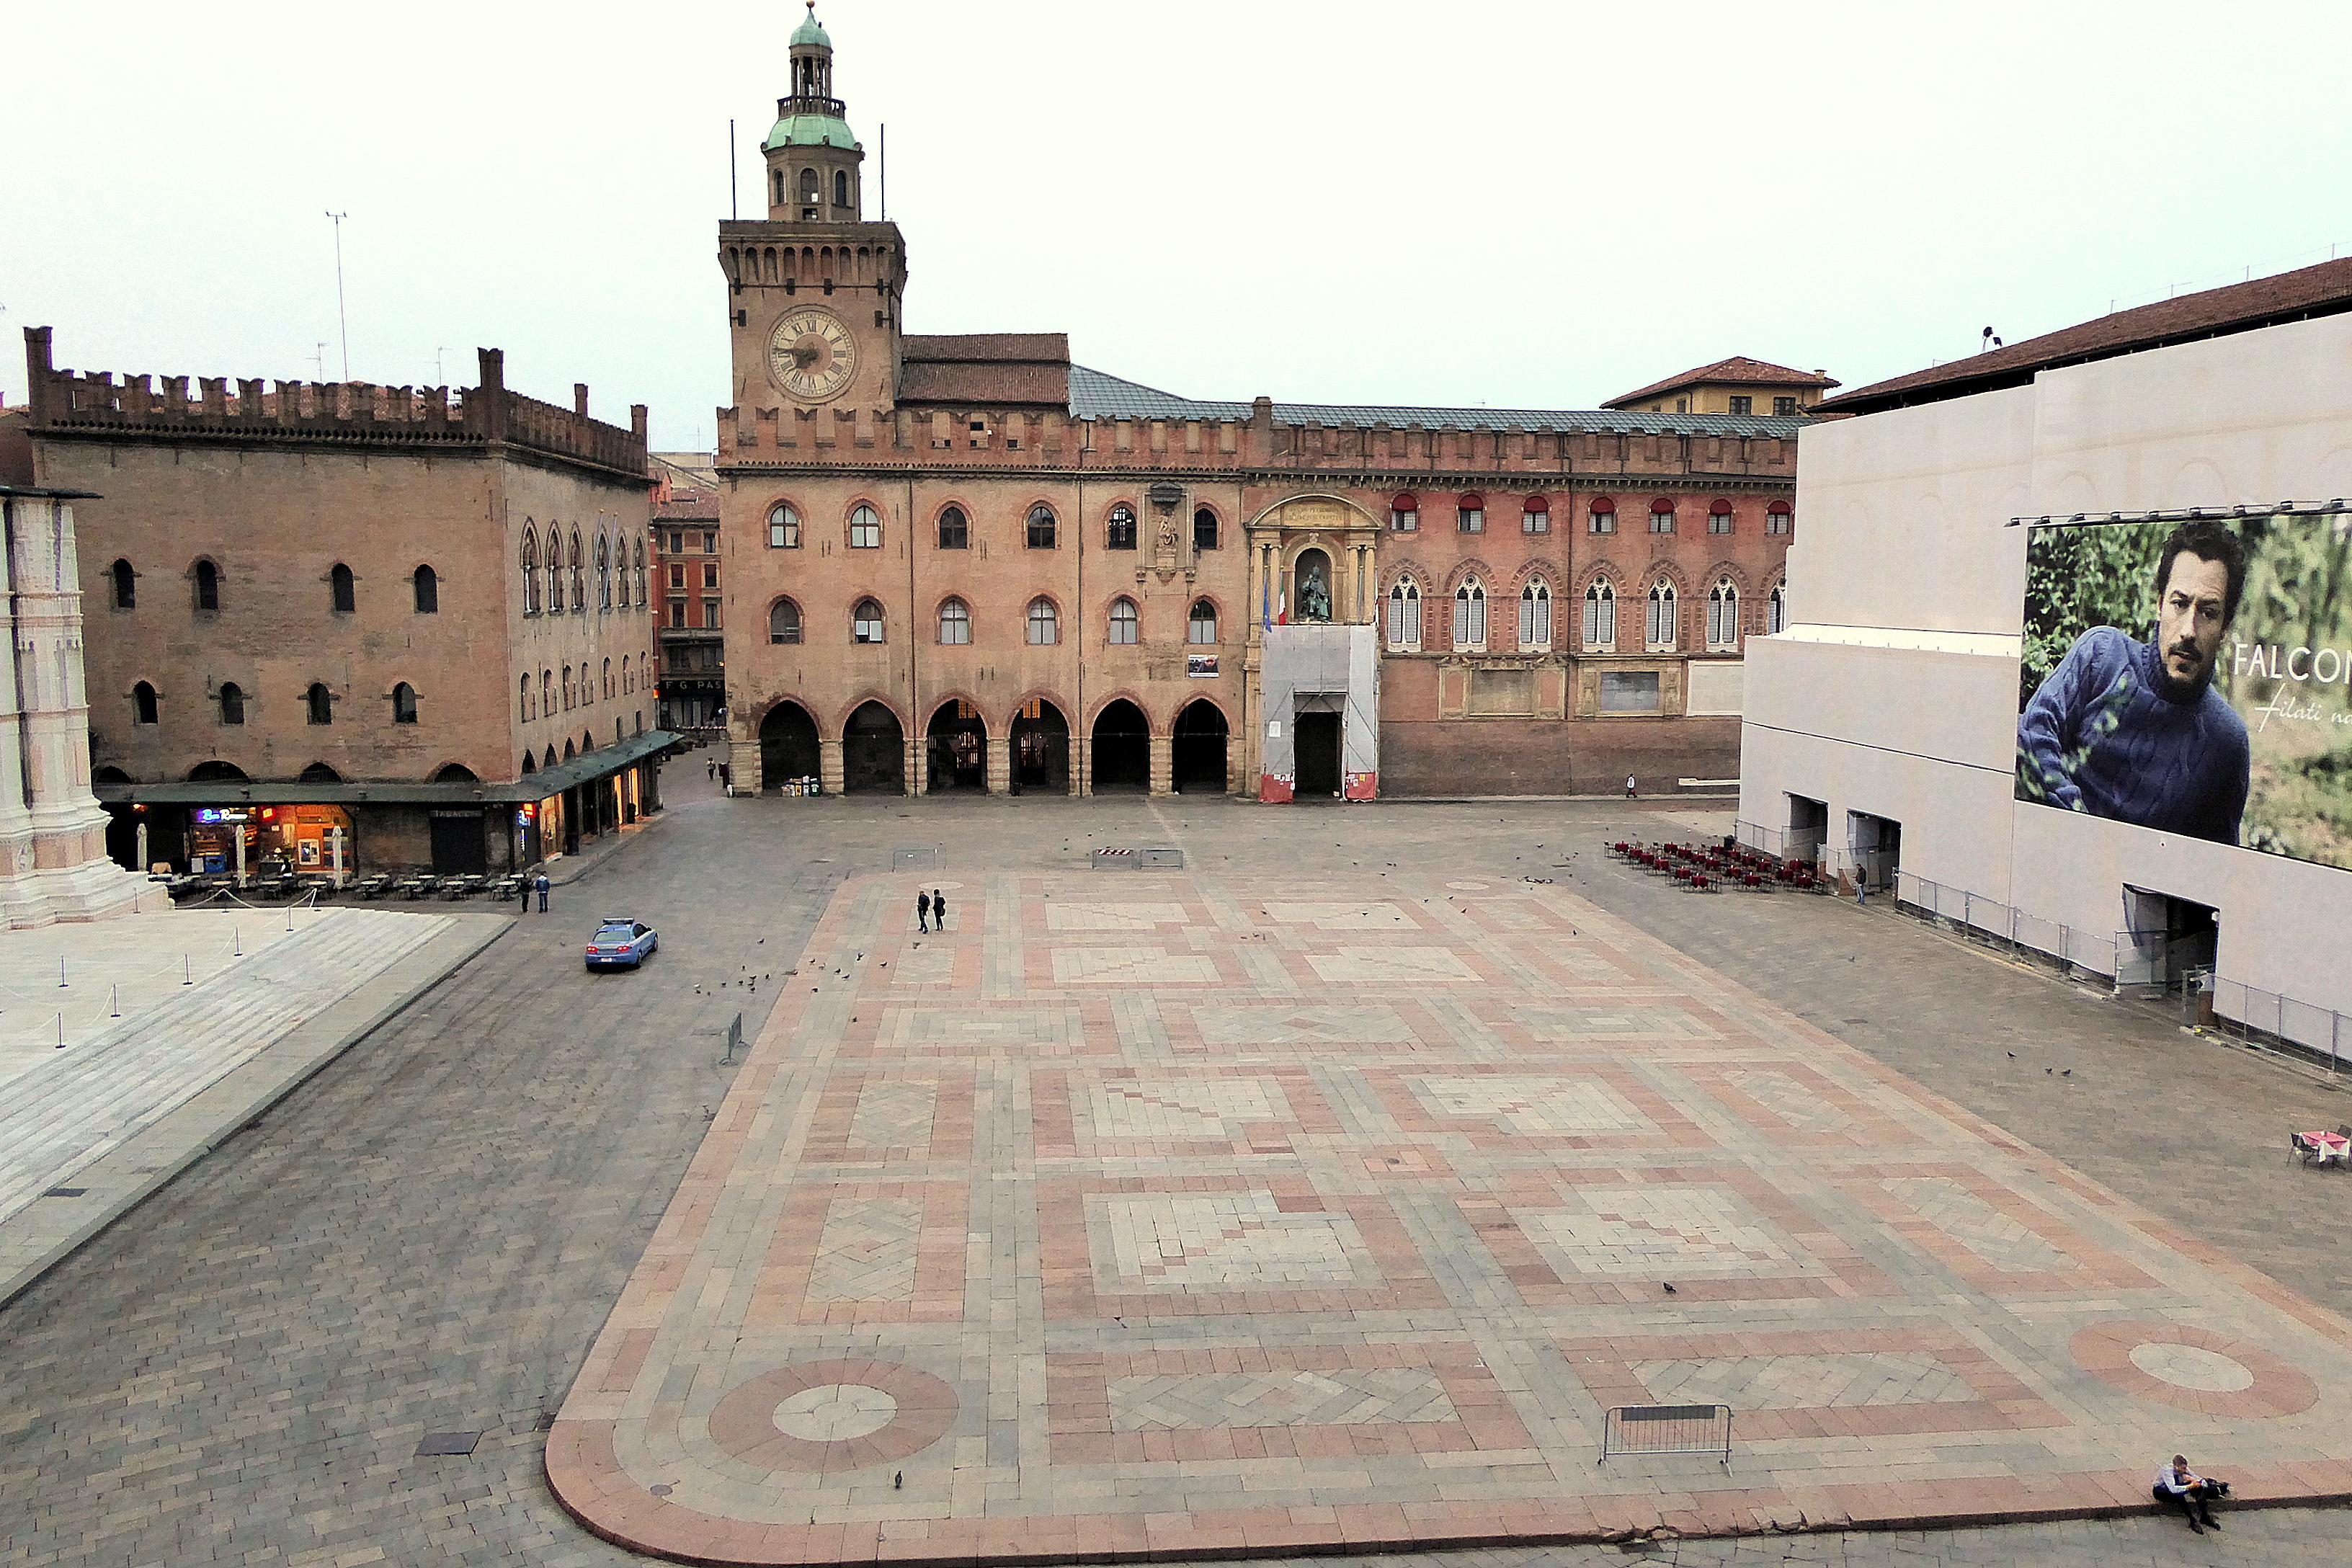 Piazza Maggiore, the main square in Bologna